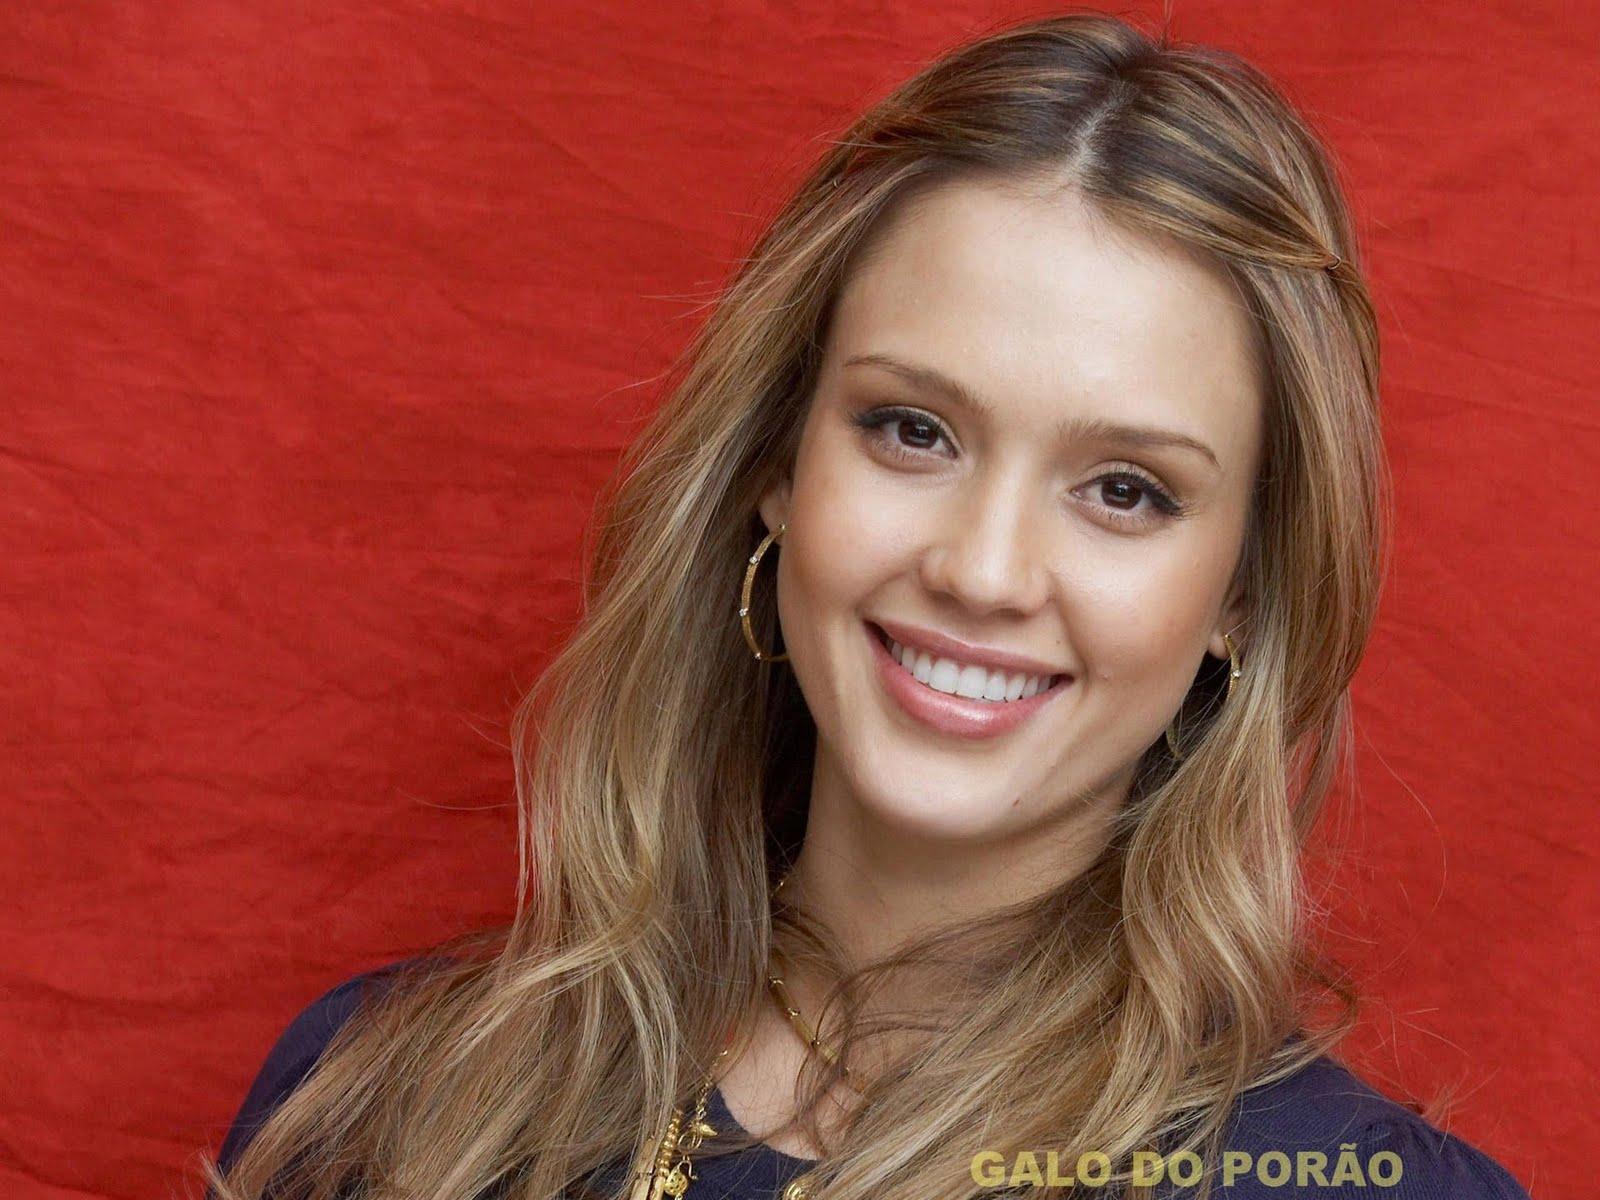 http://2.bp.blogspot.com/_6QURoNy4-5k/TK9QxsFONdI/AAAAAAAAIDY/45bHmWpXvjQ/s1600/Jessica+Alba.jpg